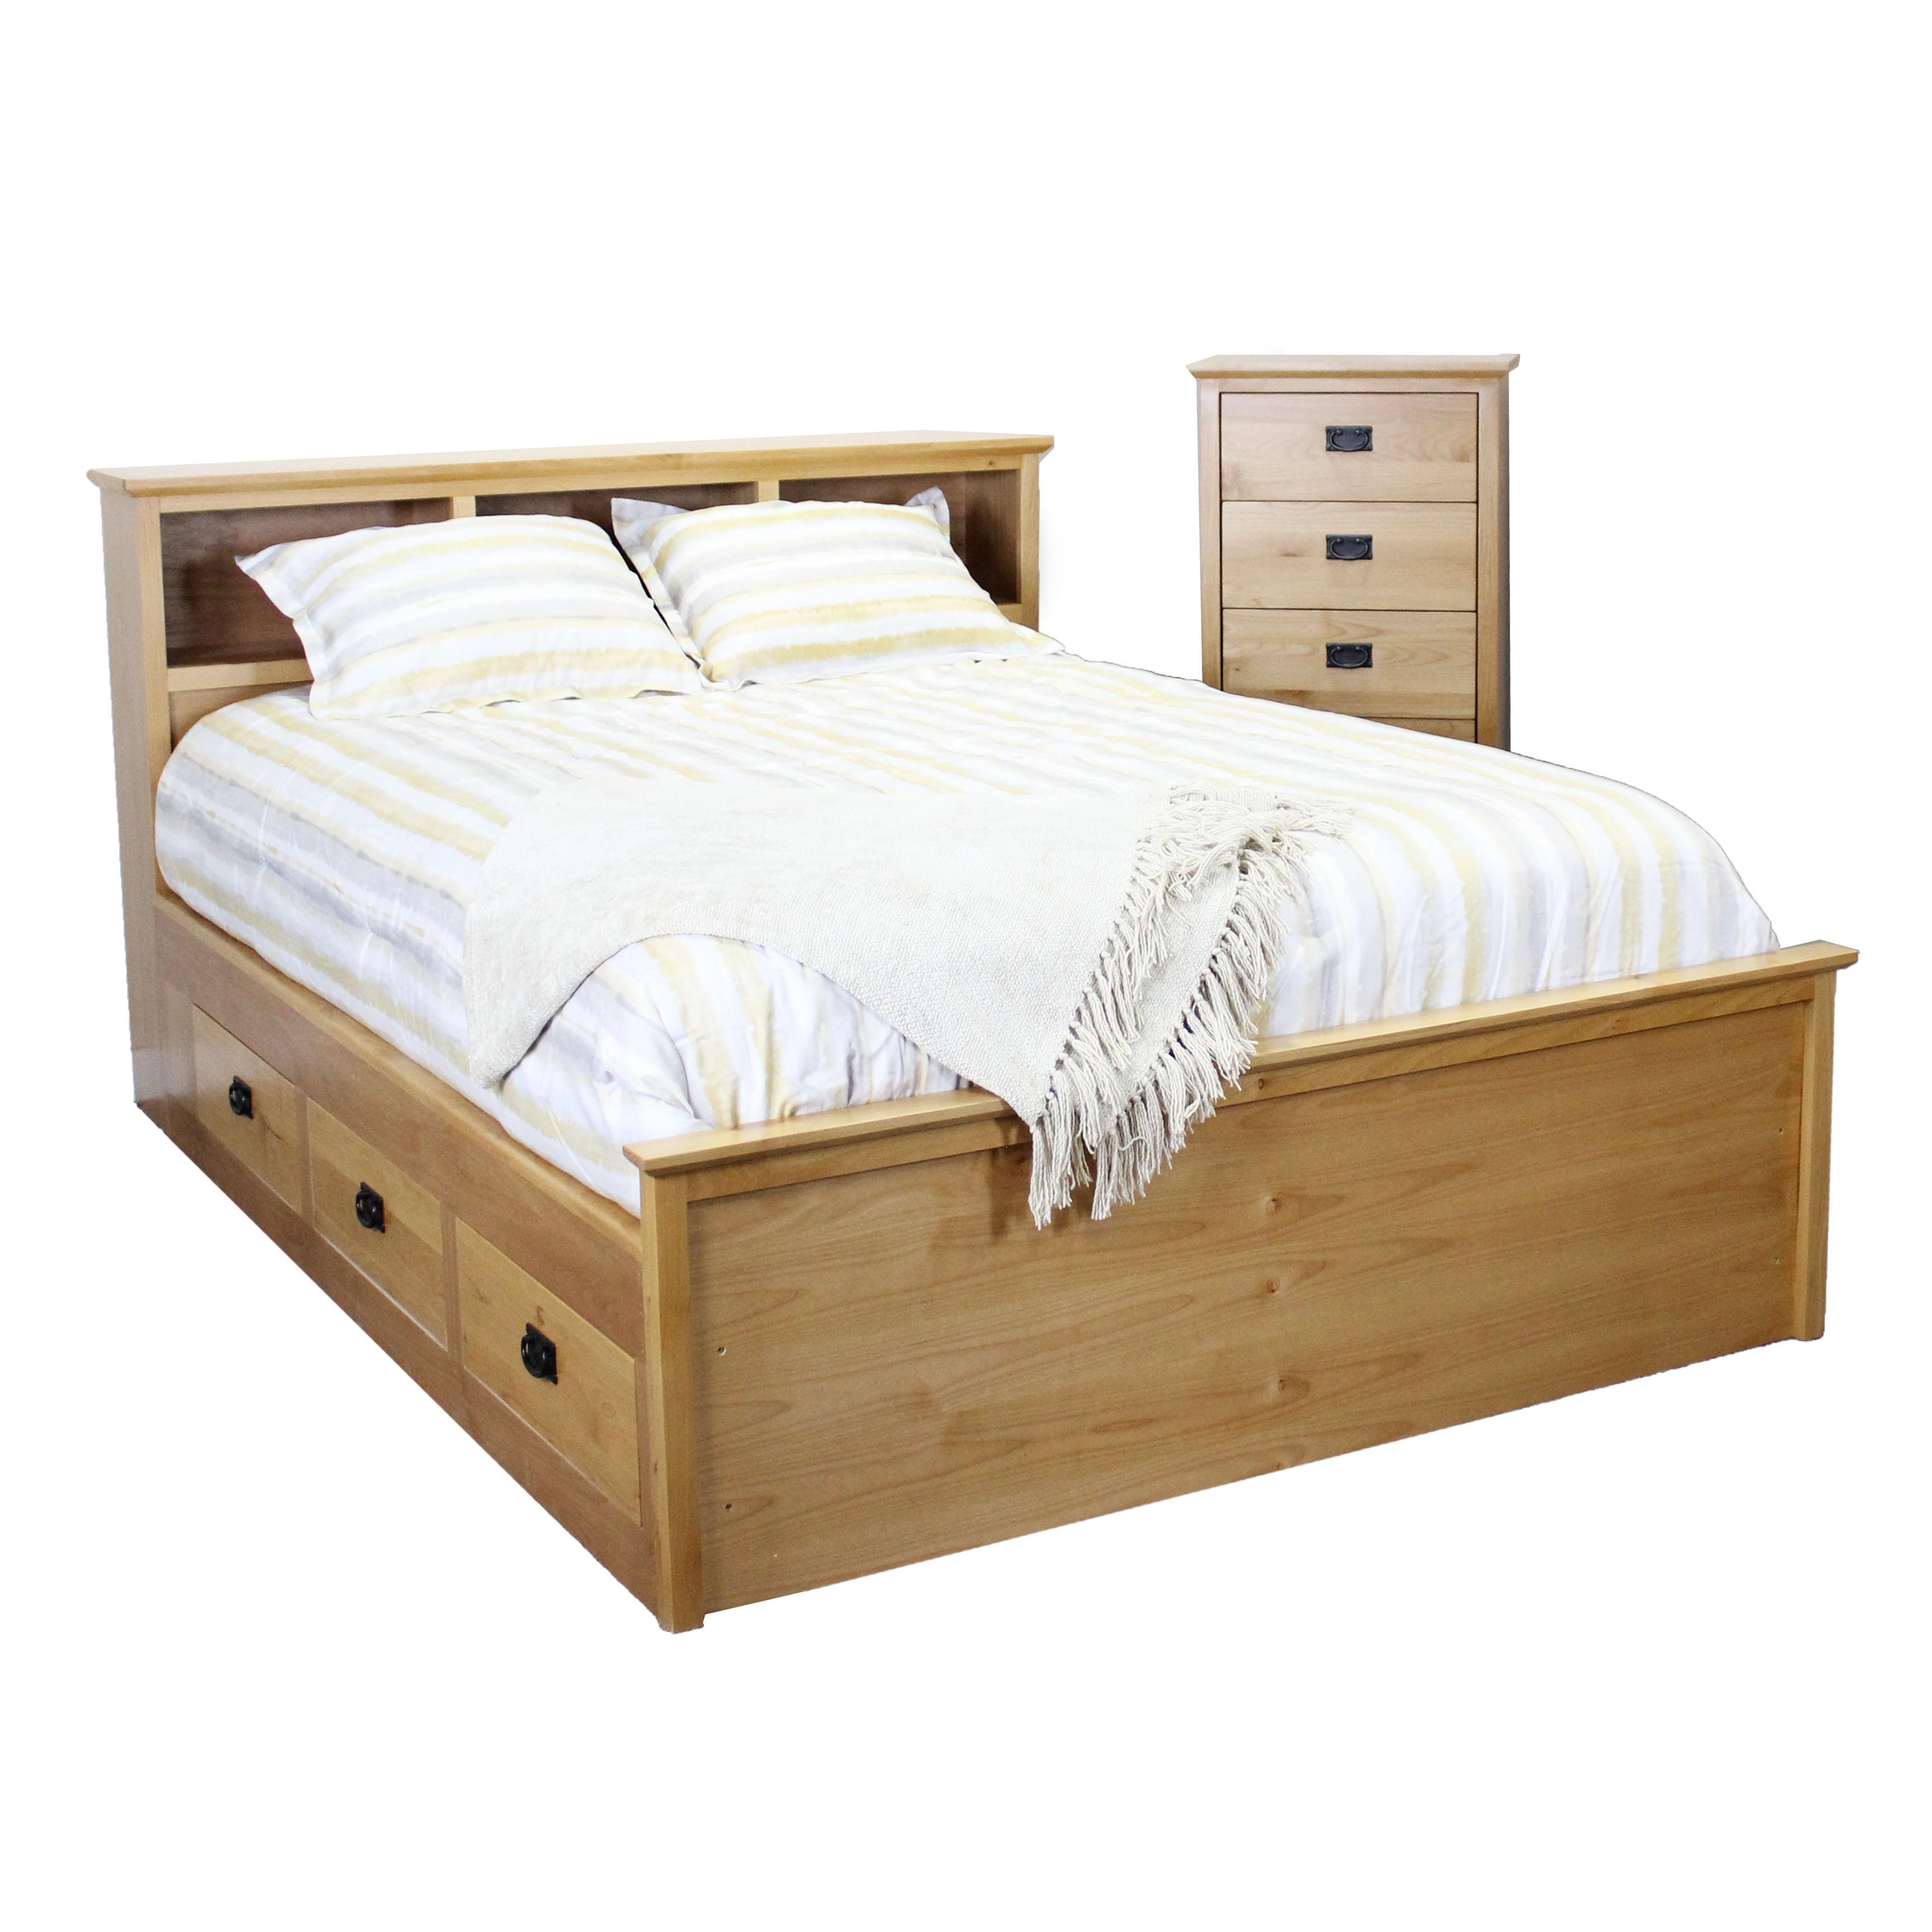 Shaker Queen Captains Bed 6-Drw